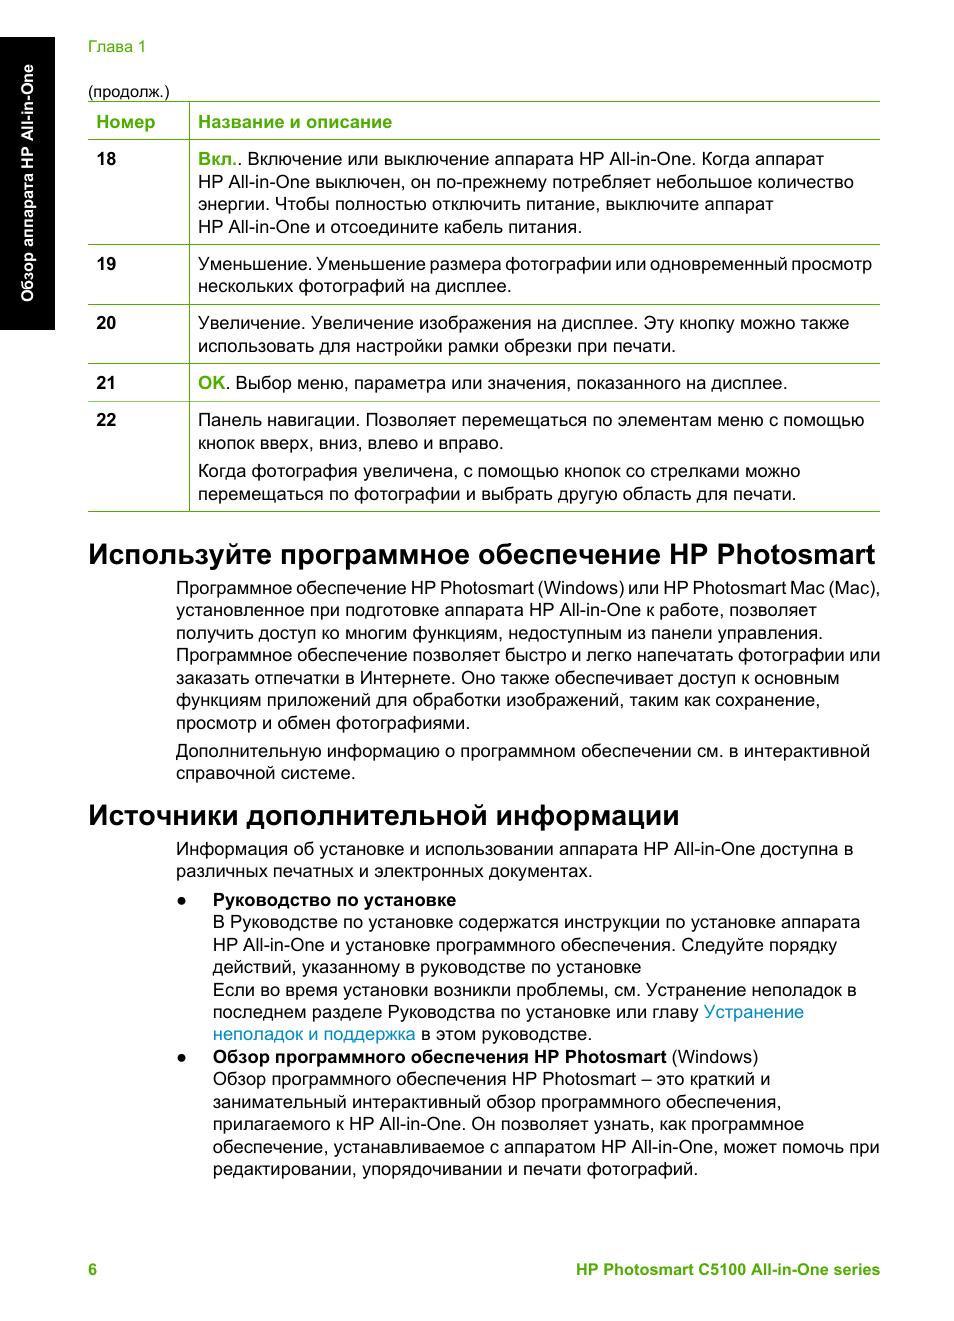 Используйте программное обеспечение hp photosmart, Источники дополнительной информации